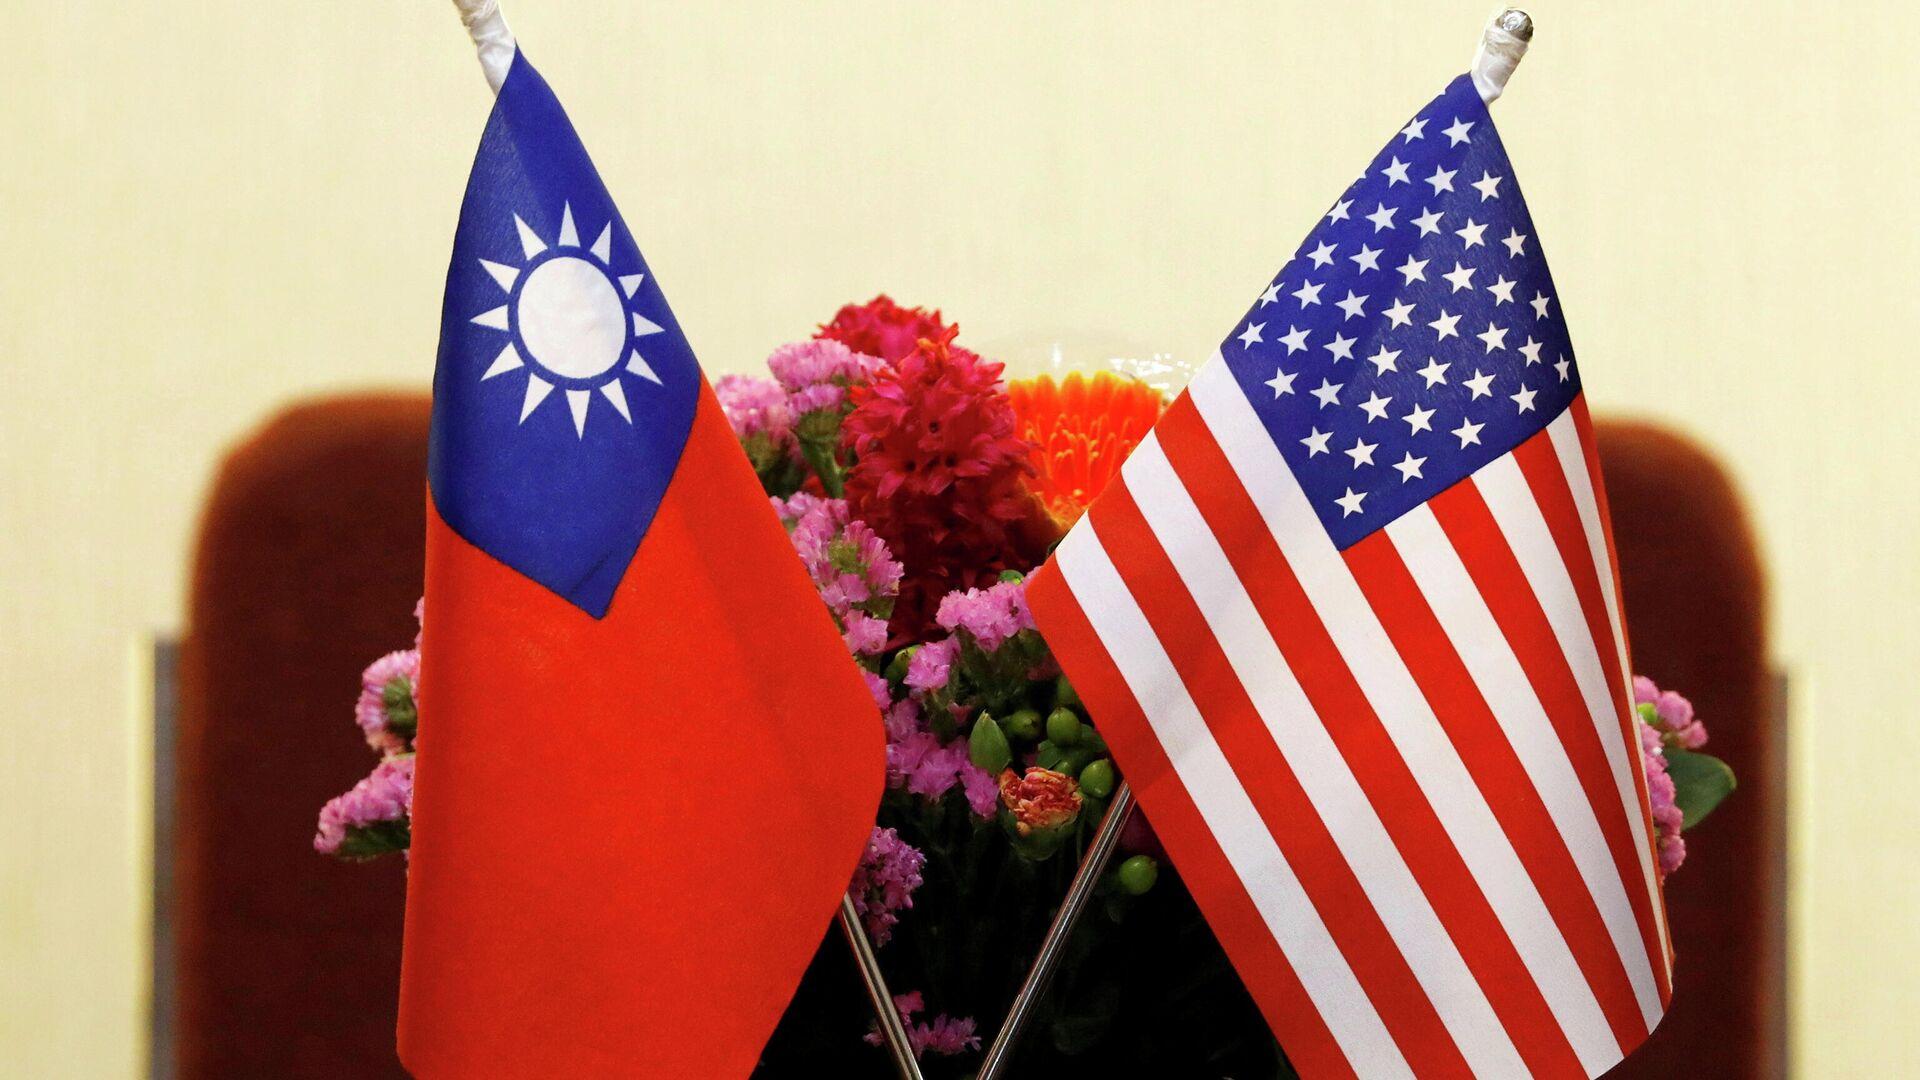 Banderas de Taiwán y de EEUU puestas para una reunión (archivo) - Sputnik Mundo, 1920, 14.04.2021